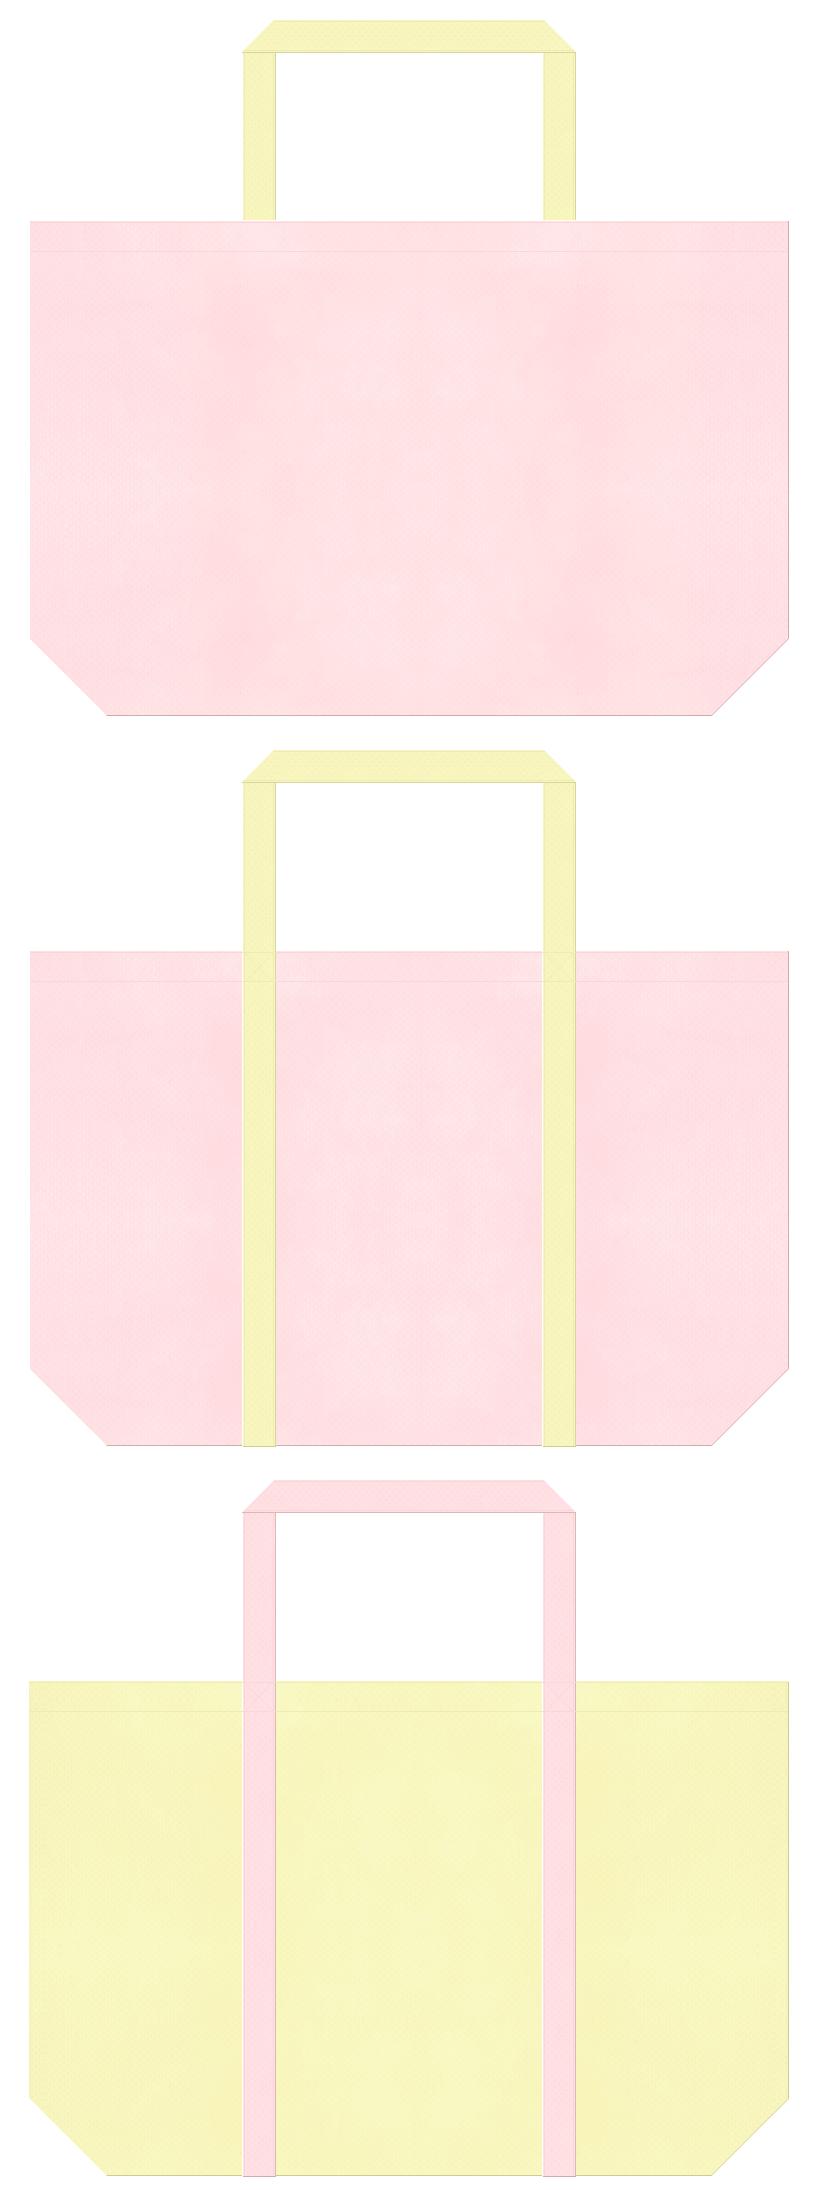 桜色と薄黄色の不織布バッグデザイン。介護ユニフォームのショッピングバッグにお奨めです。